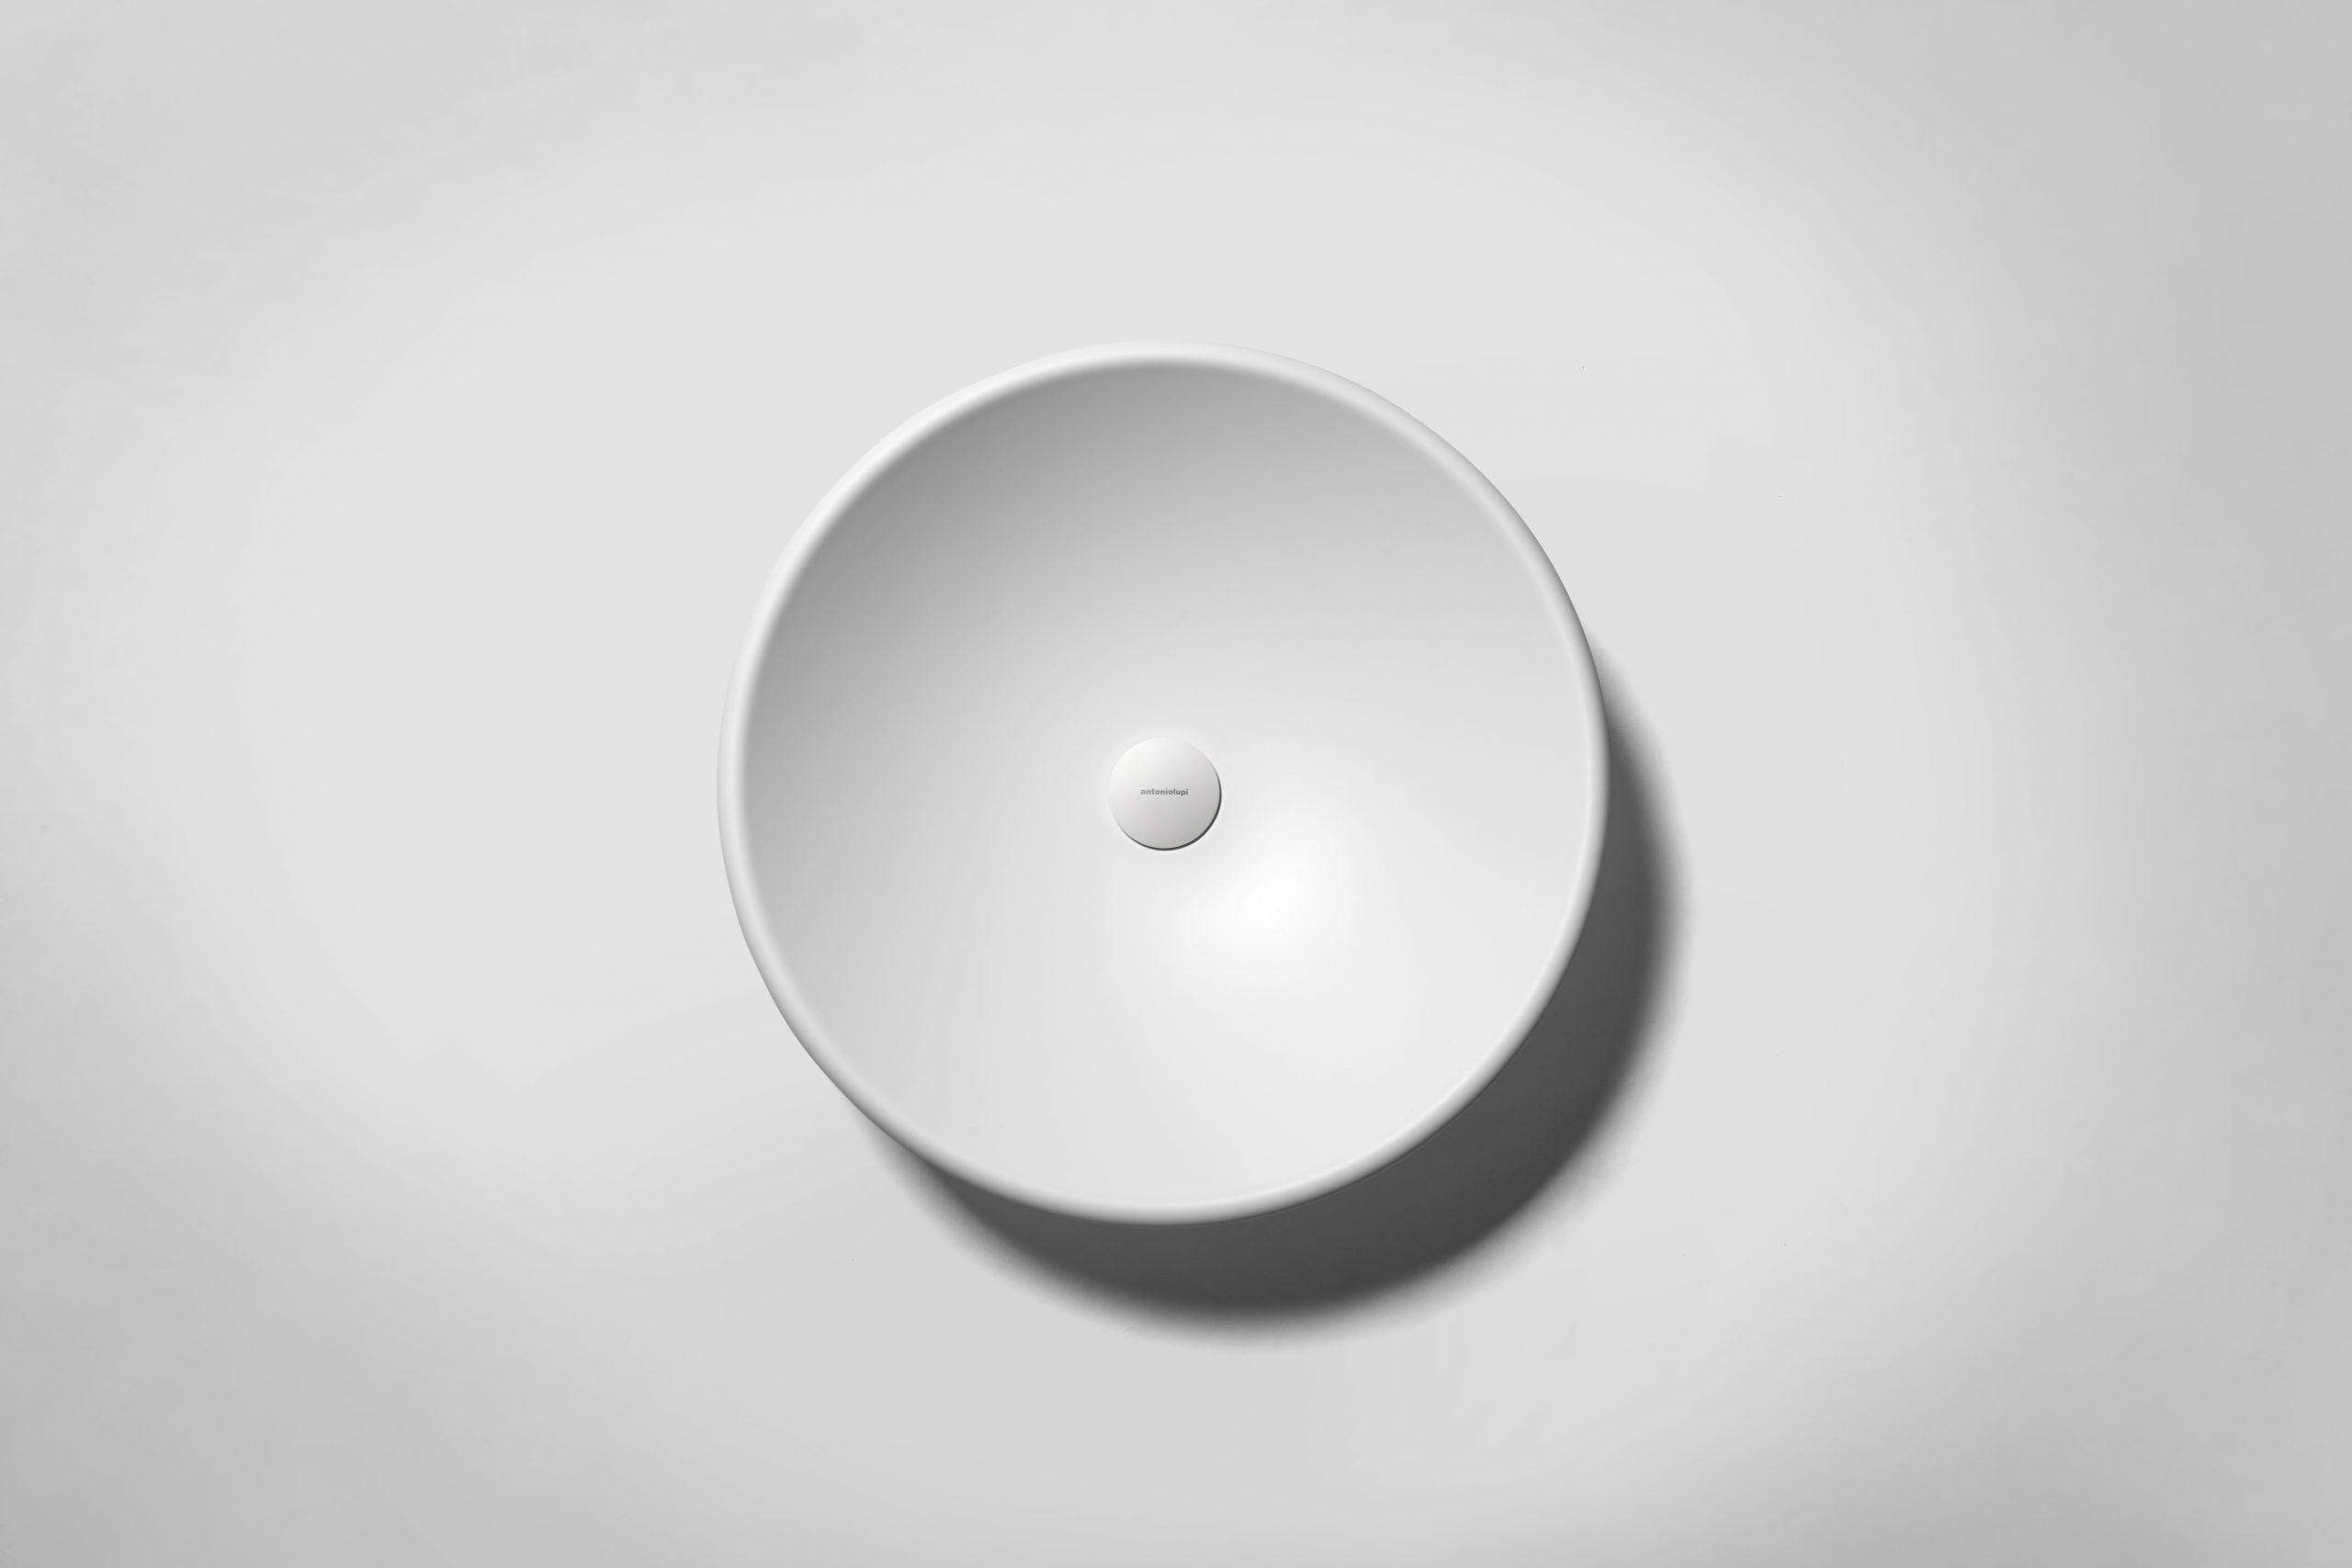 Round Rim washbowl by Debiasi Sandri for Antoniolupi